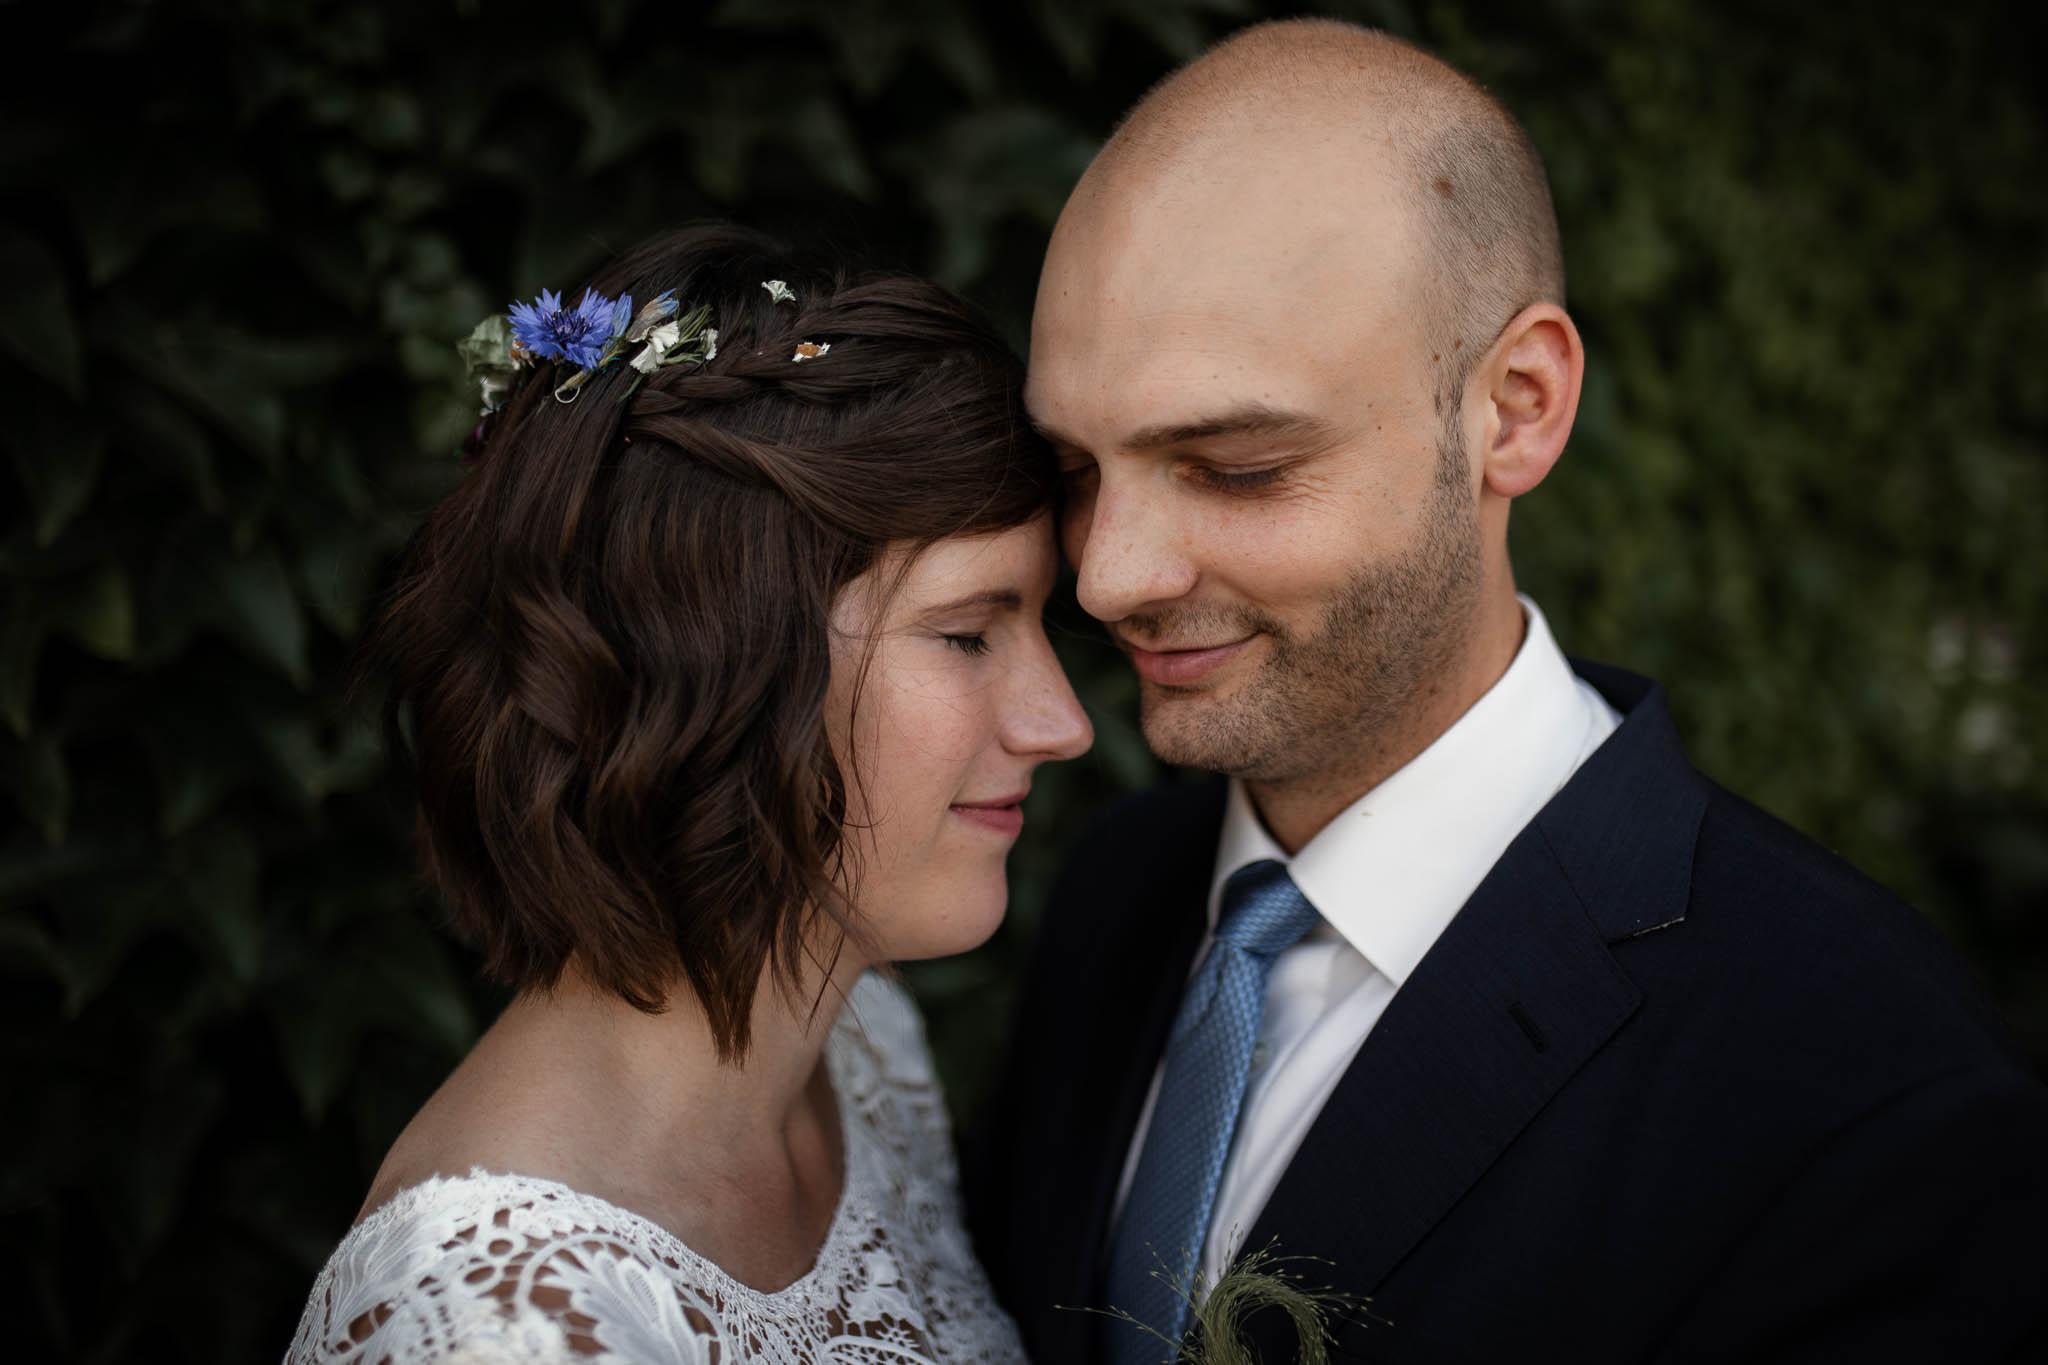 Hochzeitsfotograf Guntersblum, Domhof - Hochzeit von Ina & Johannes 42